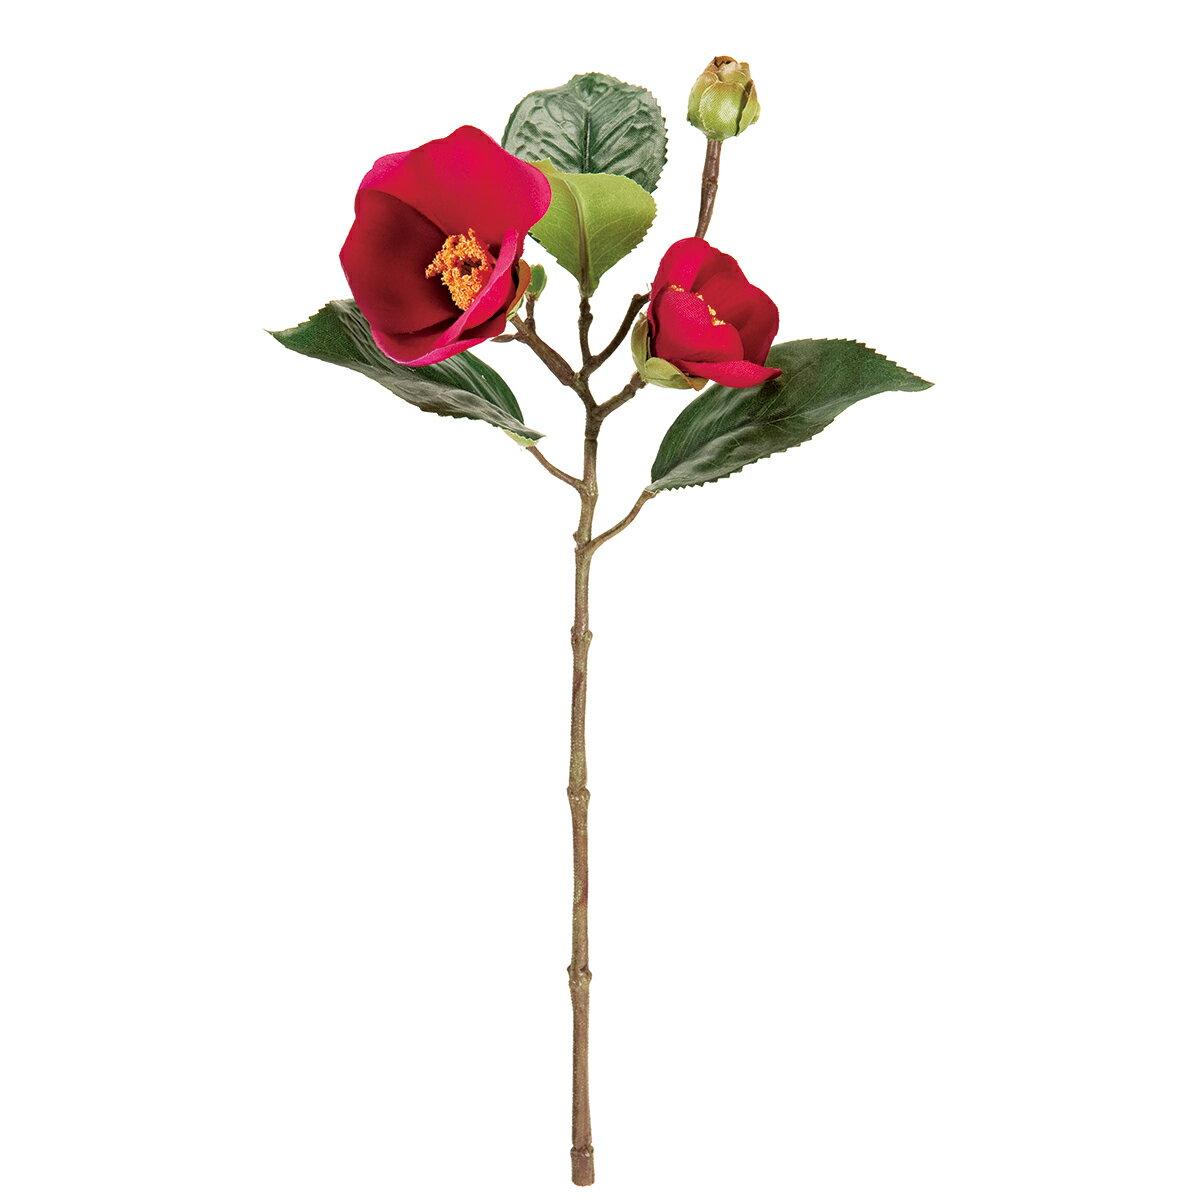 即日 【造花】MAGIQ(東京堂)/祝い椿ピック #12 FUCHSIA /FJ003634-012《 造花(アーティフィシャルフラワー) 造花 花材「た行」 ツバキ(椿) 》